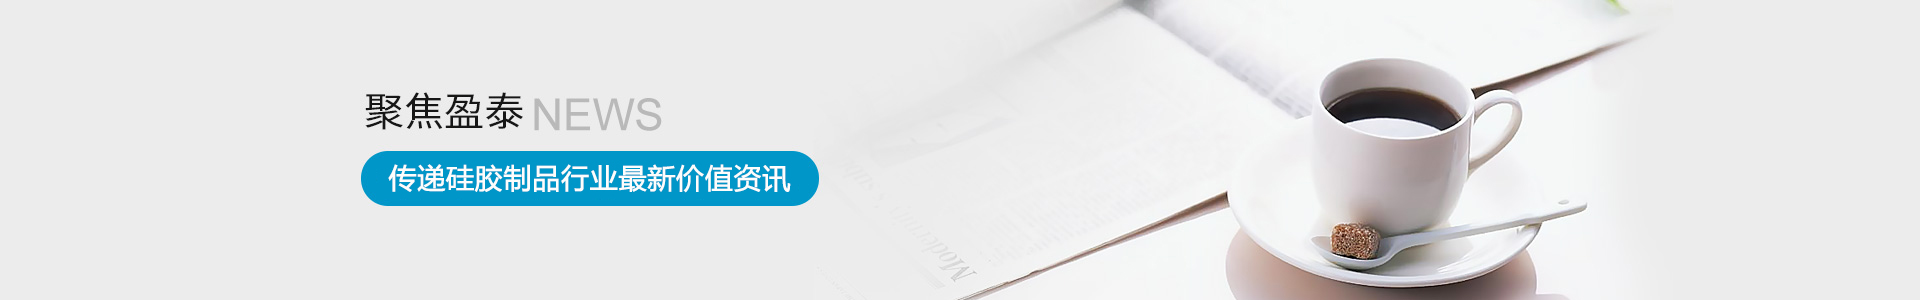 硅胶制品经典定制案例,上万家客户的共同选择